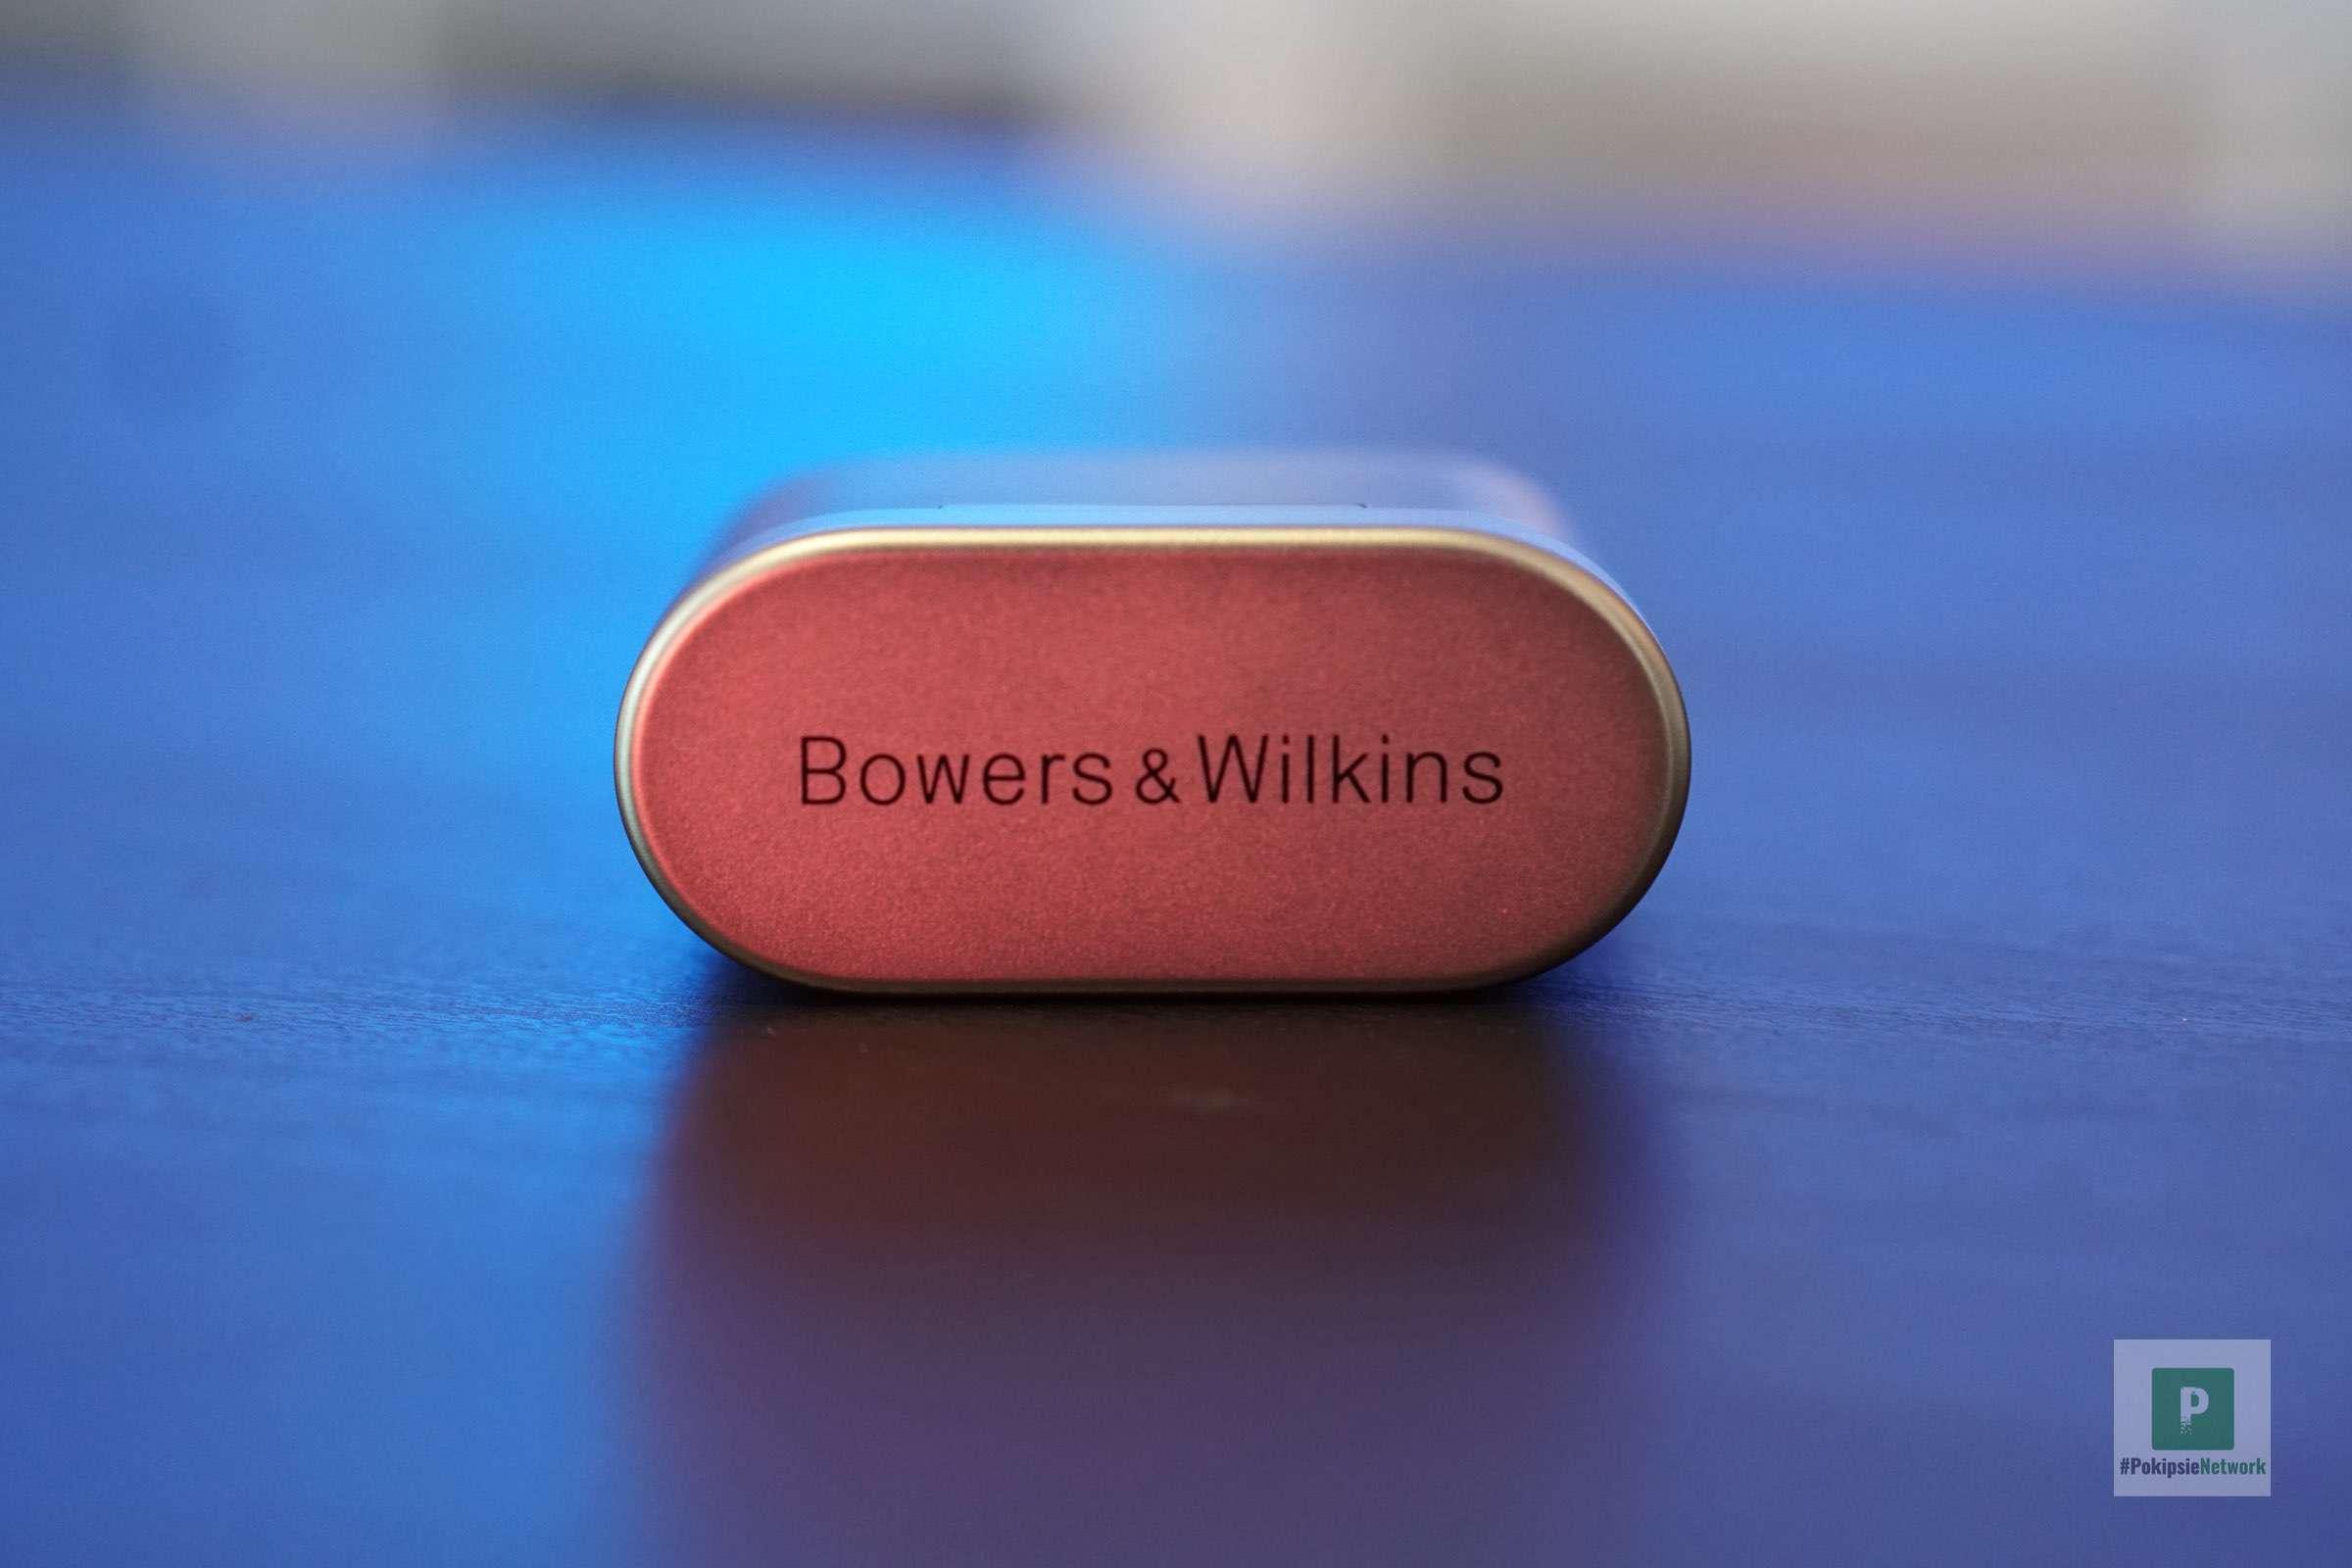 Der Bowers & Wilkins-Brand